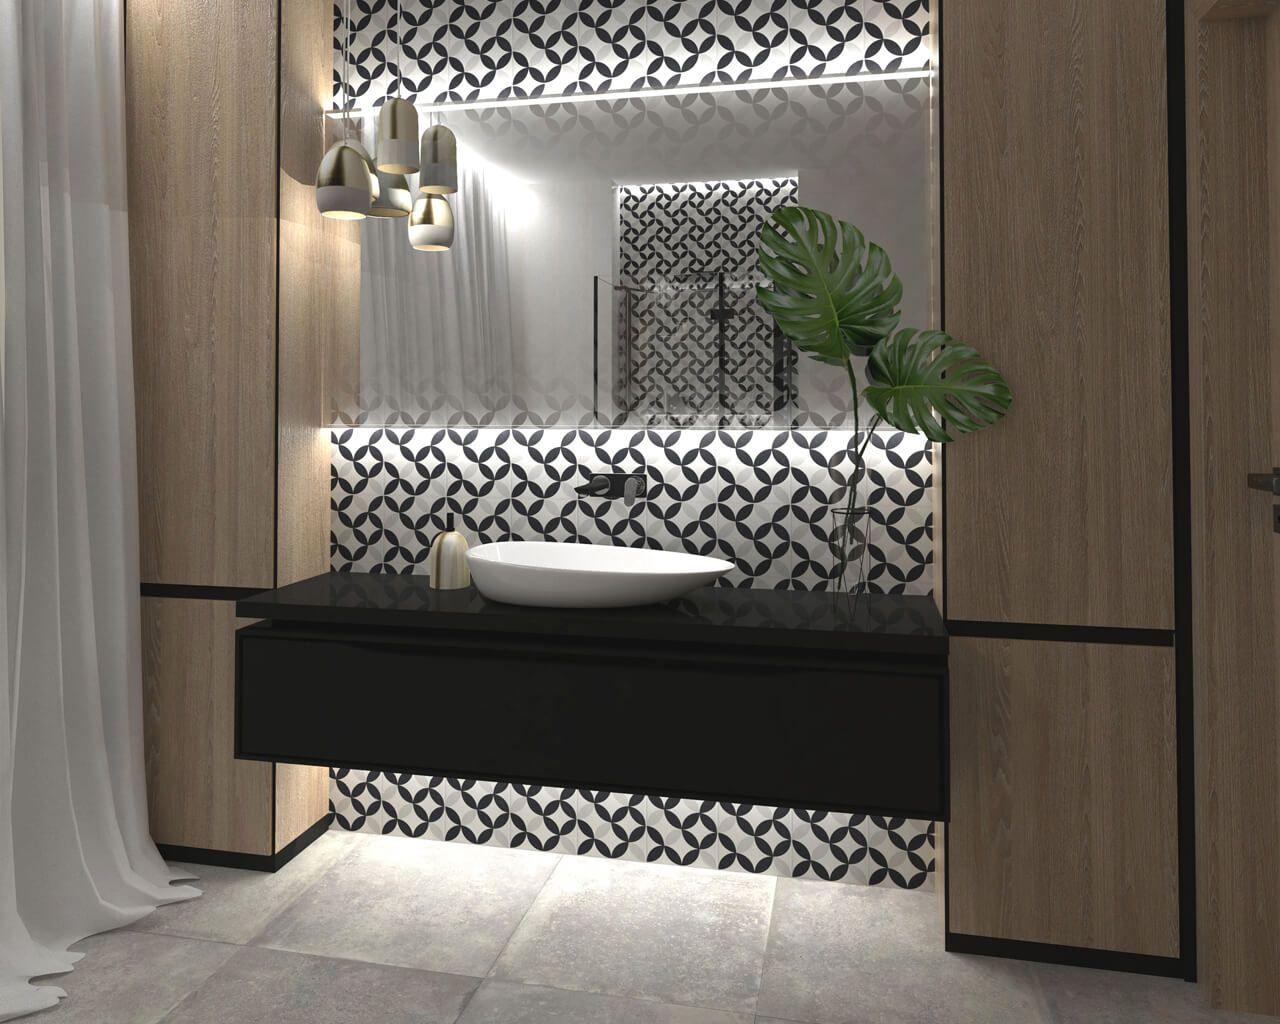 Modna łazienka Przy Sypialni Z Geometrią I Drewnem W Roli